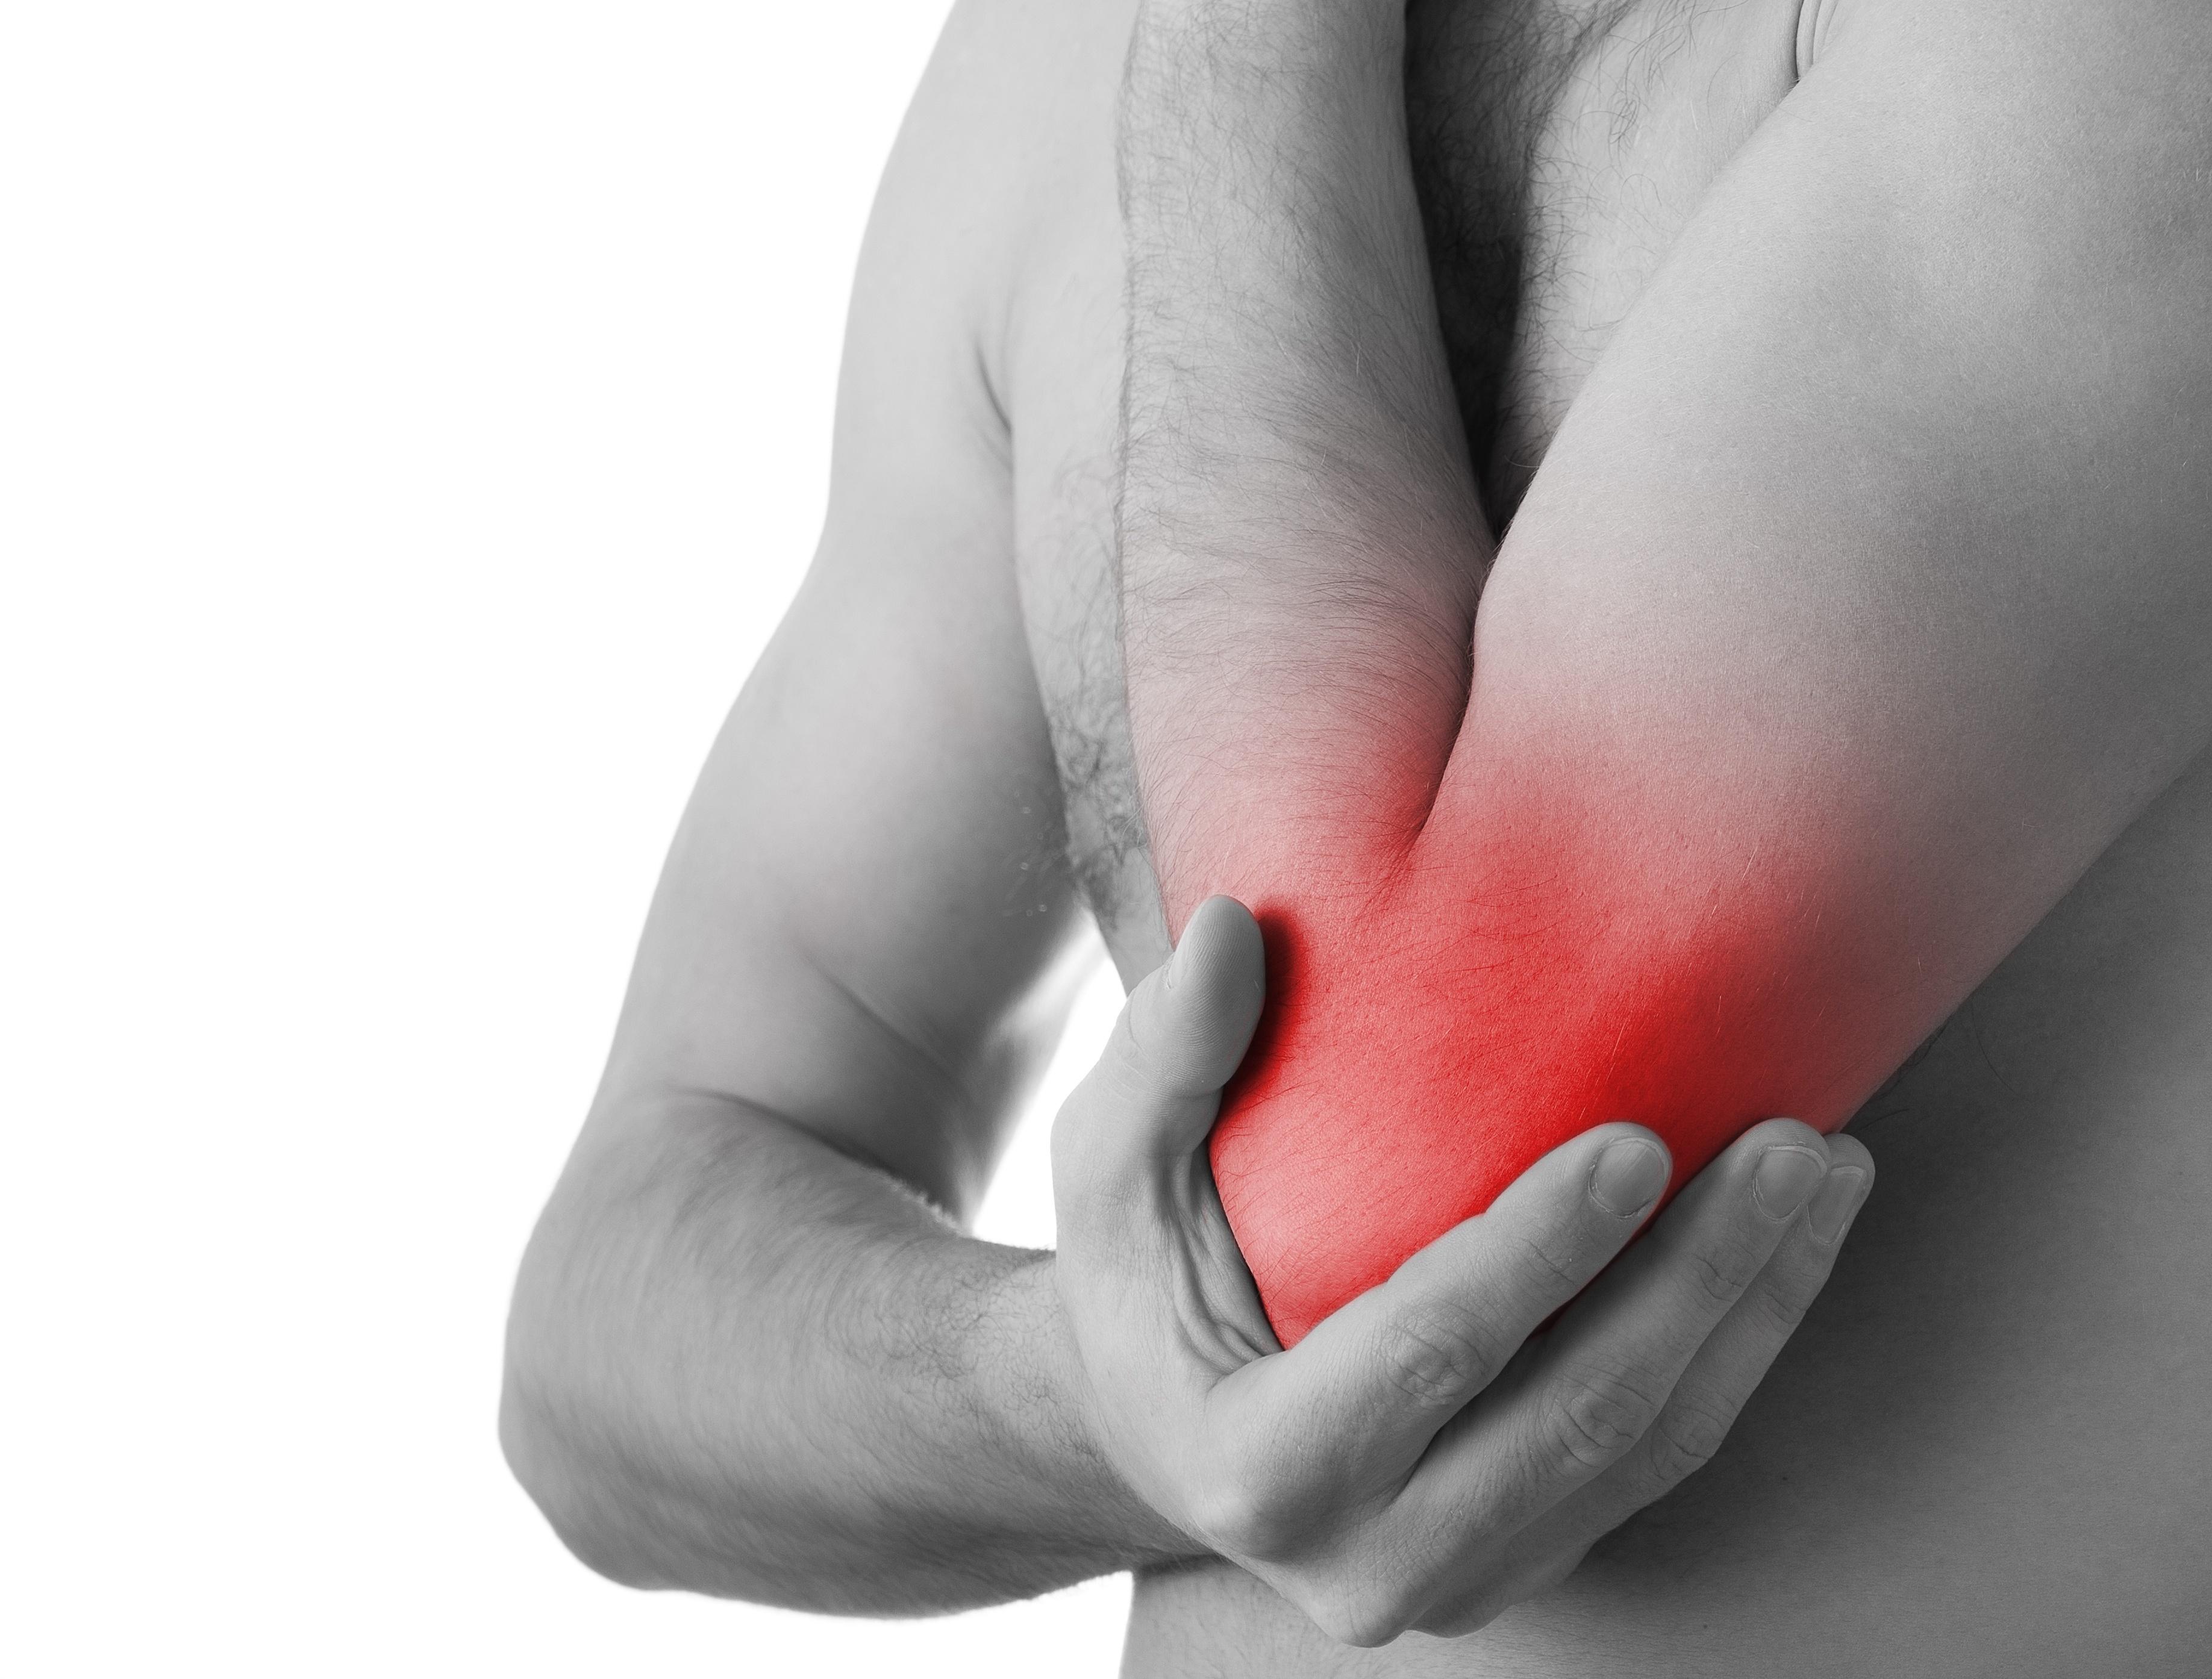 elsősegély akut ízületi fájdalmak esetén